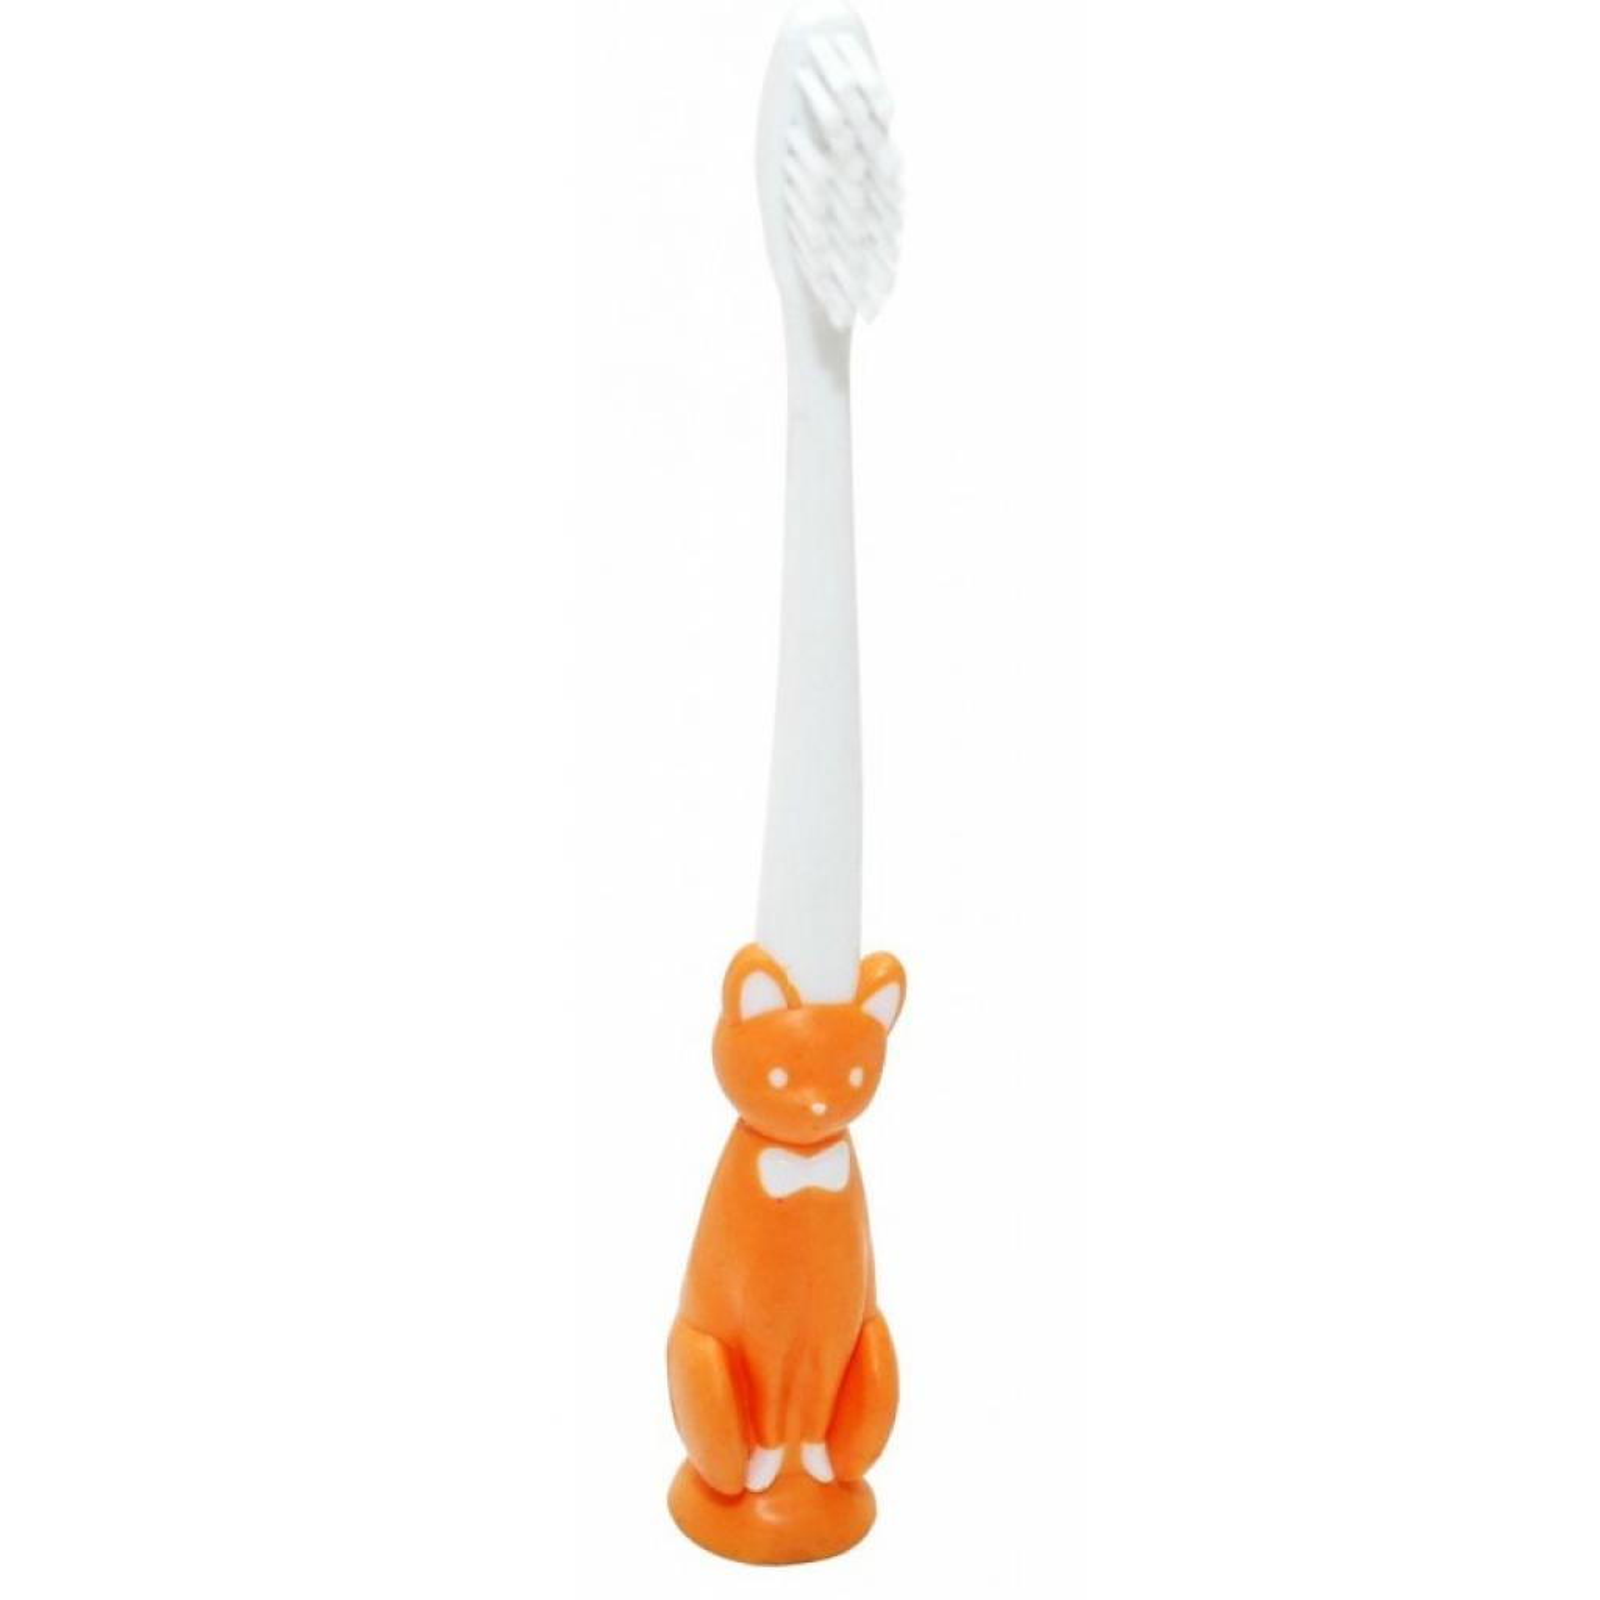 Детская зубная щетка Baby Team с присоской котик оранжевый (7202_котик_оранжевый)